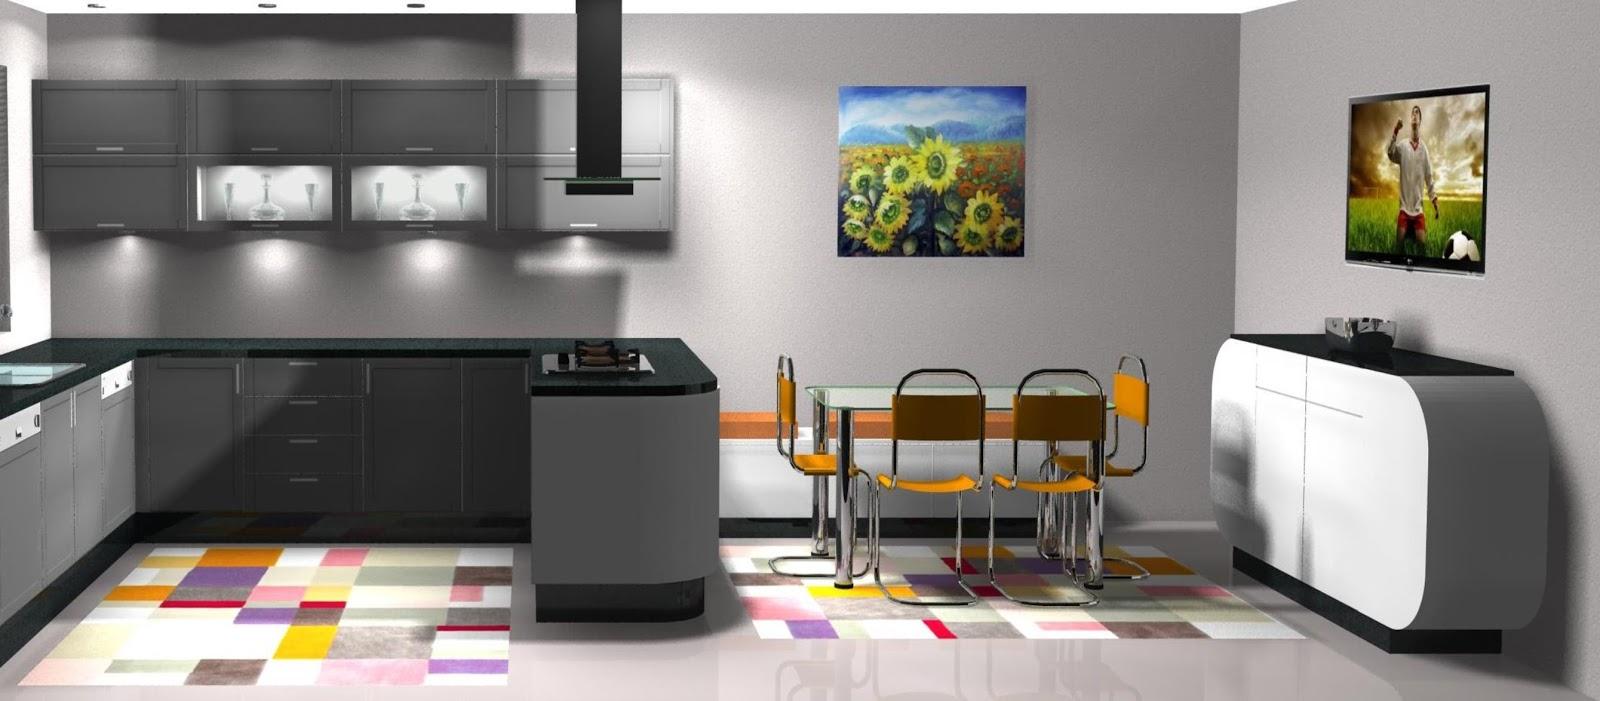 Dise o muebles de cocina dise o de cocina lacada en for Diseno muebles cocina